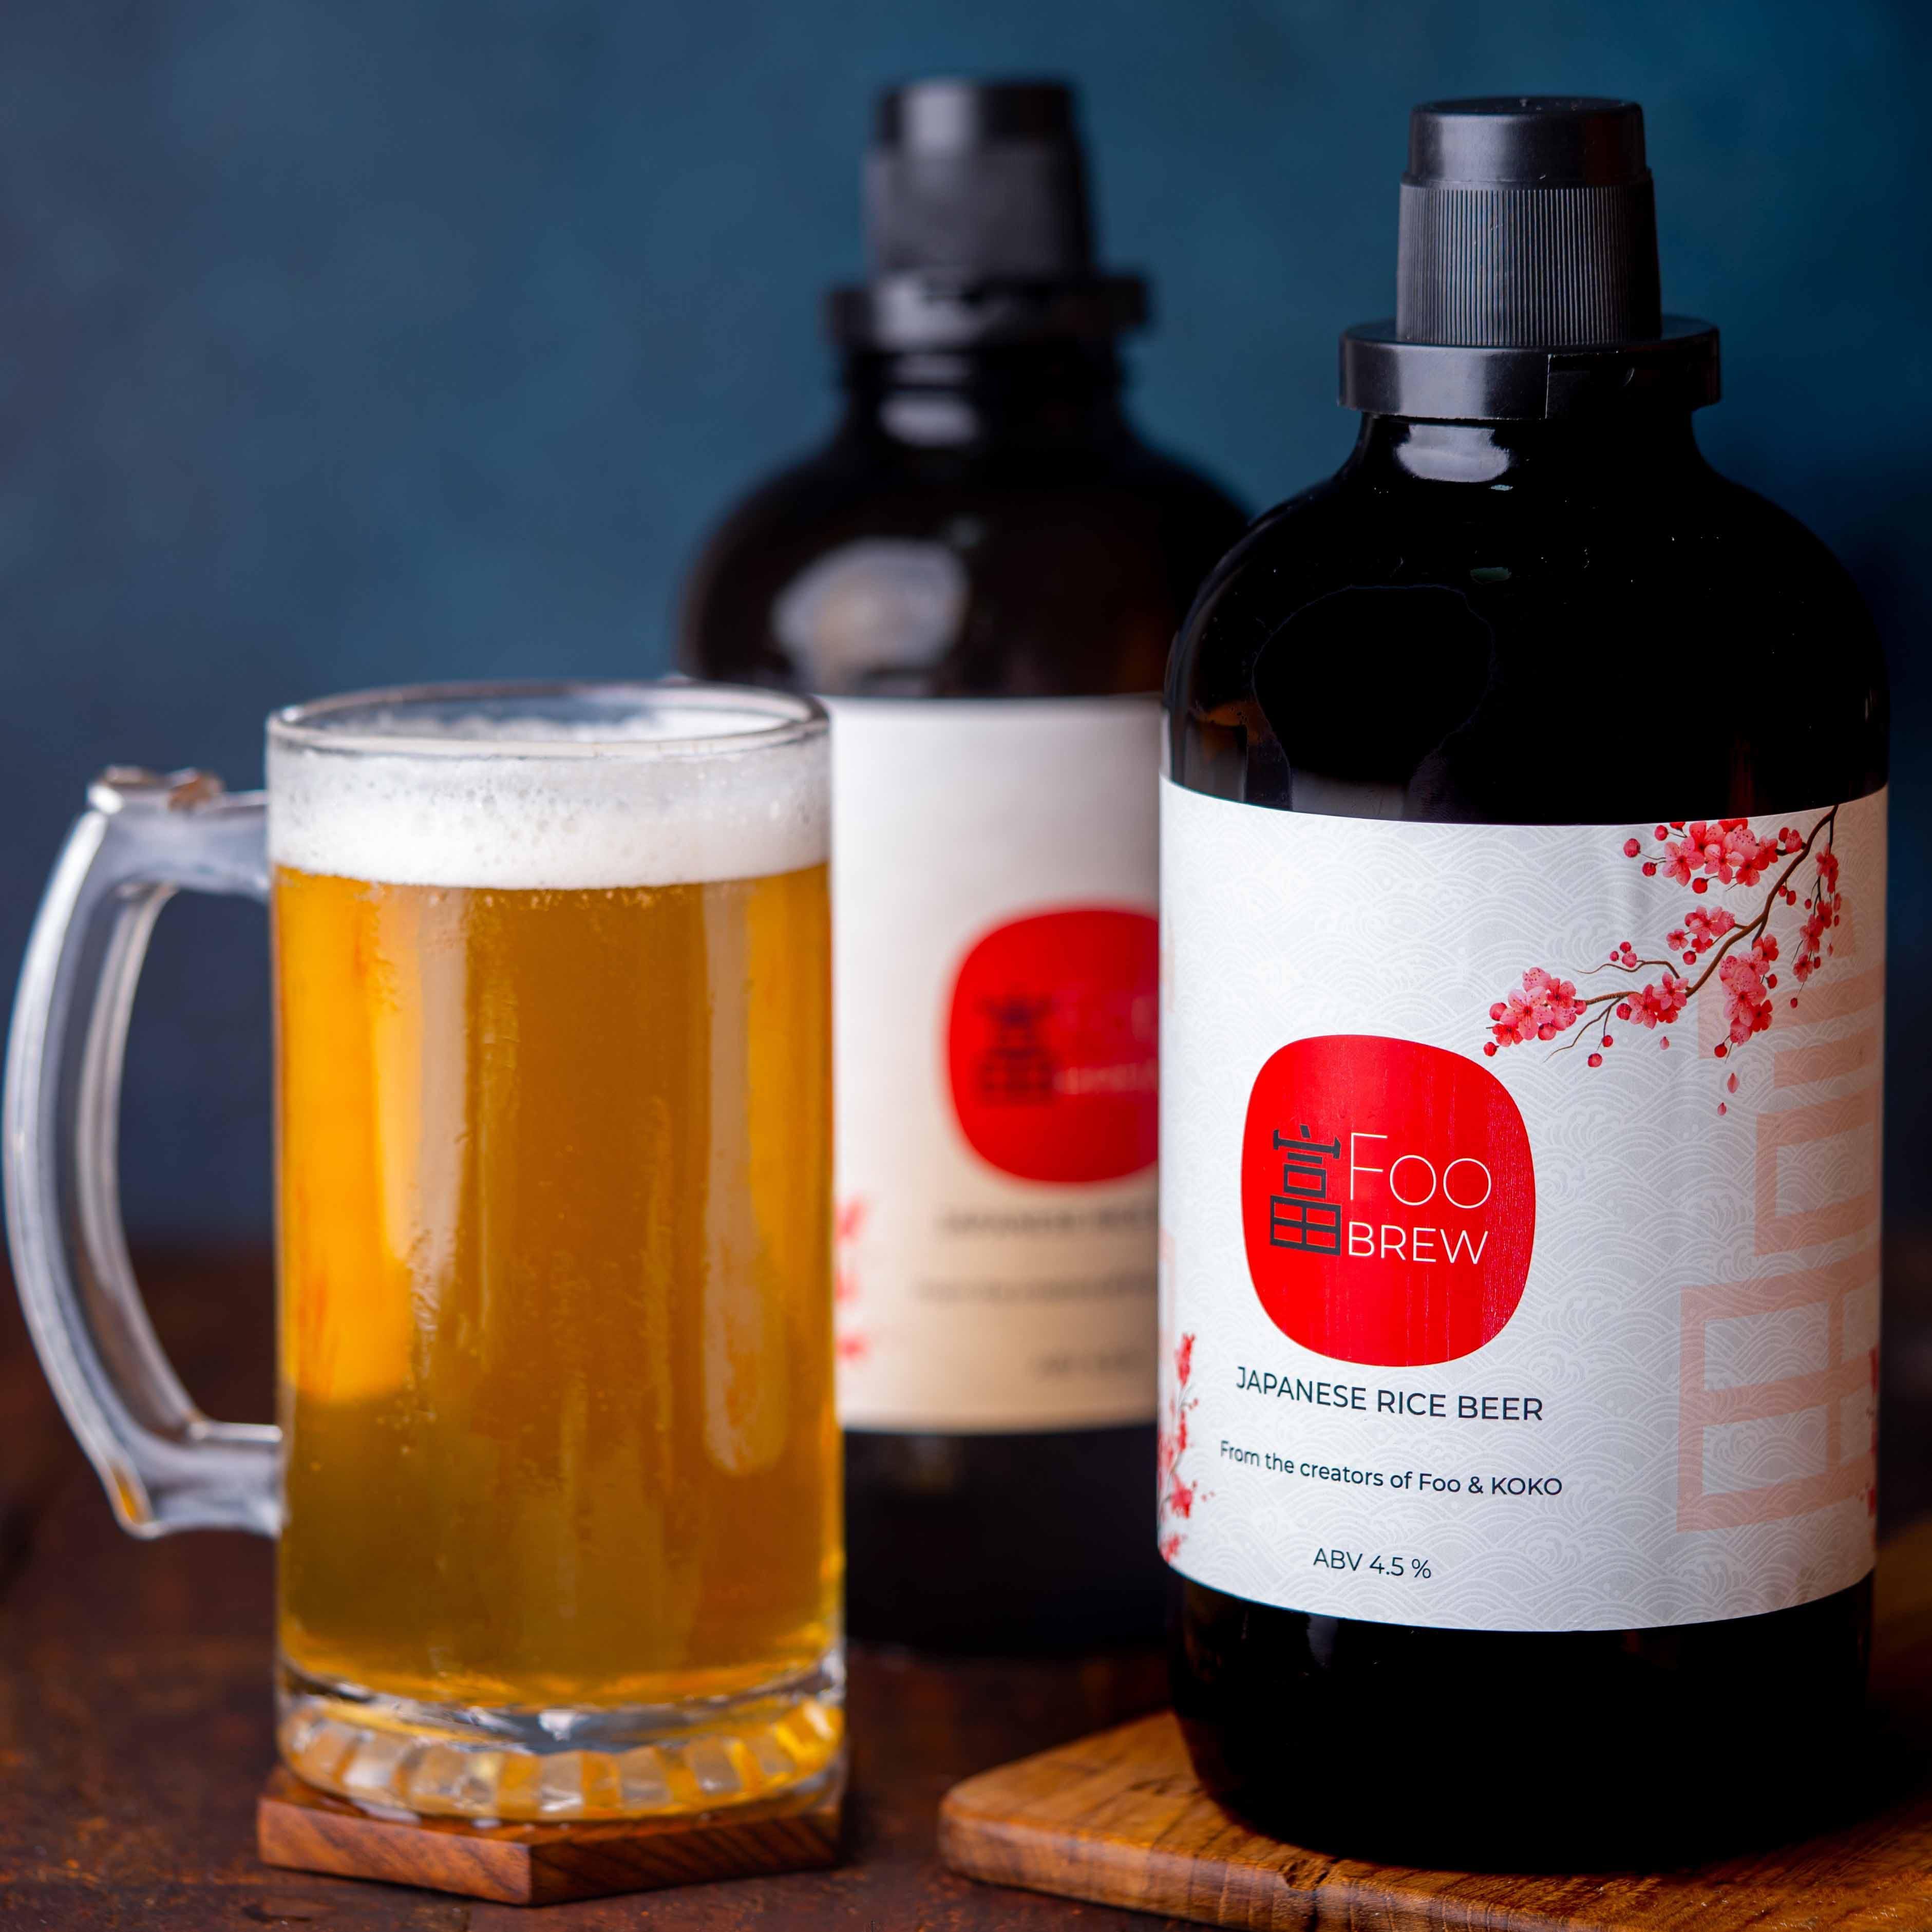 Bottle,Drink,Product,Glass bottle,Liquid,Alcoholic beverage,Grog,Beer,Distilled beverage,Alcohol